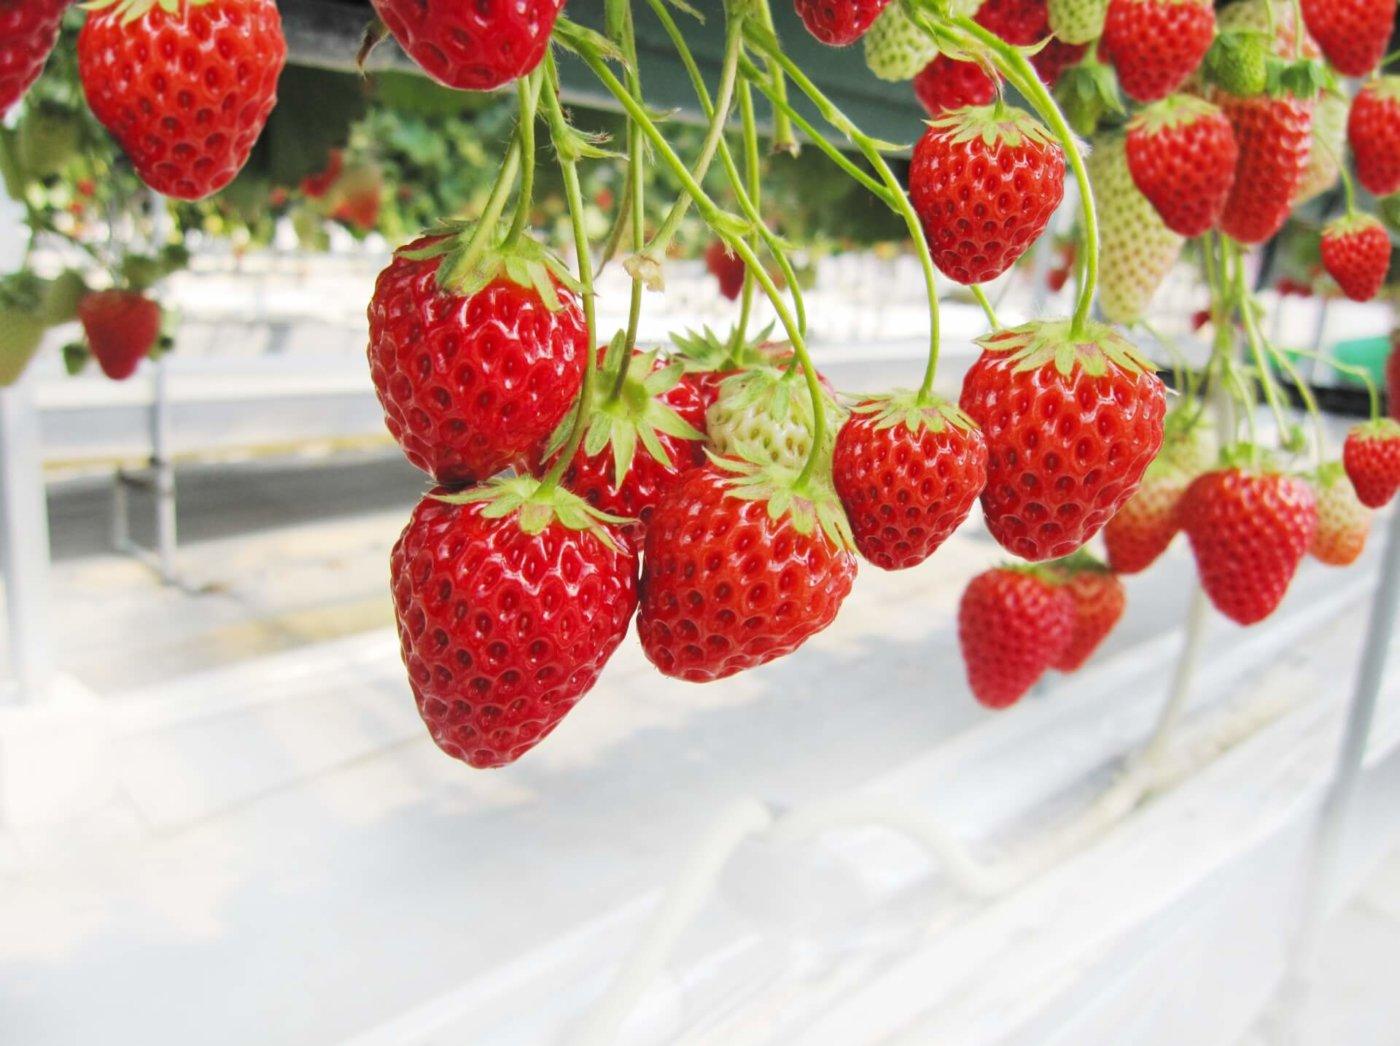 関西で人気のイチゴ狩りスポットを紹介!